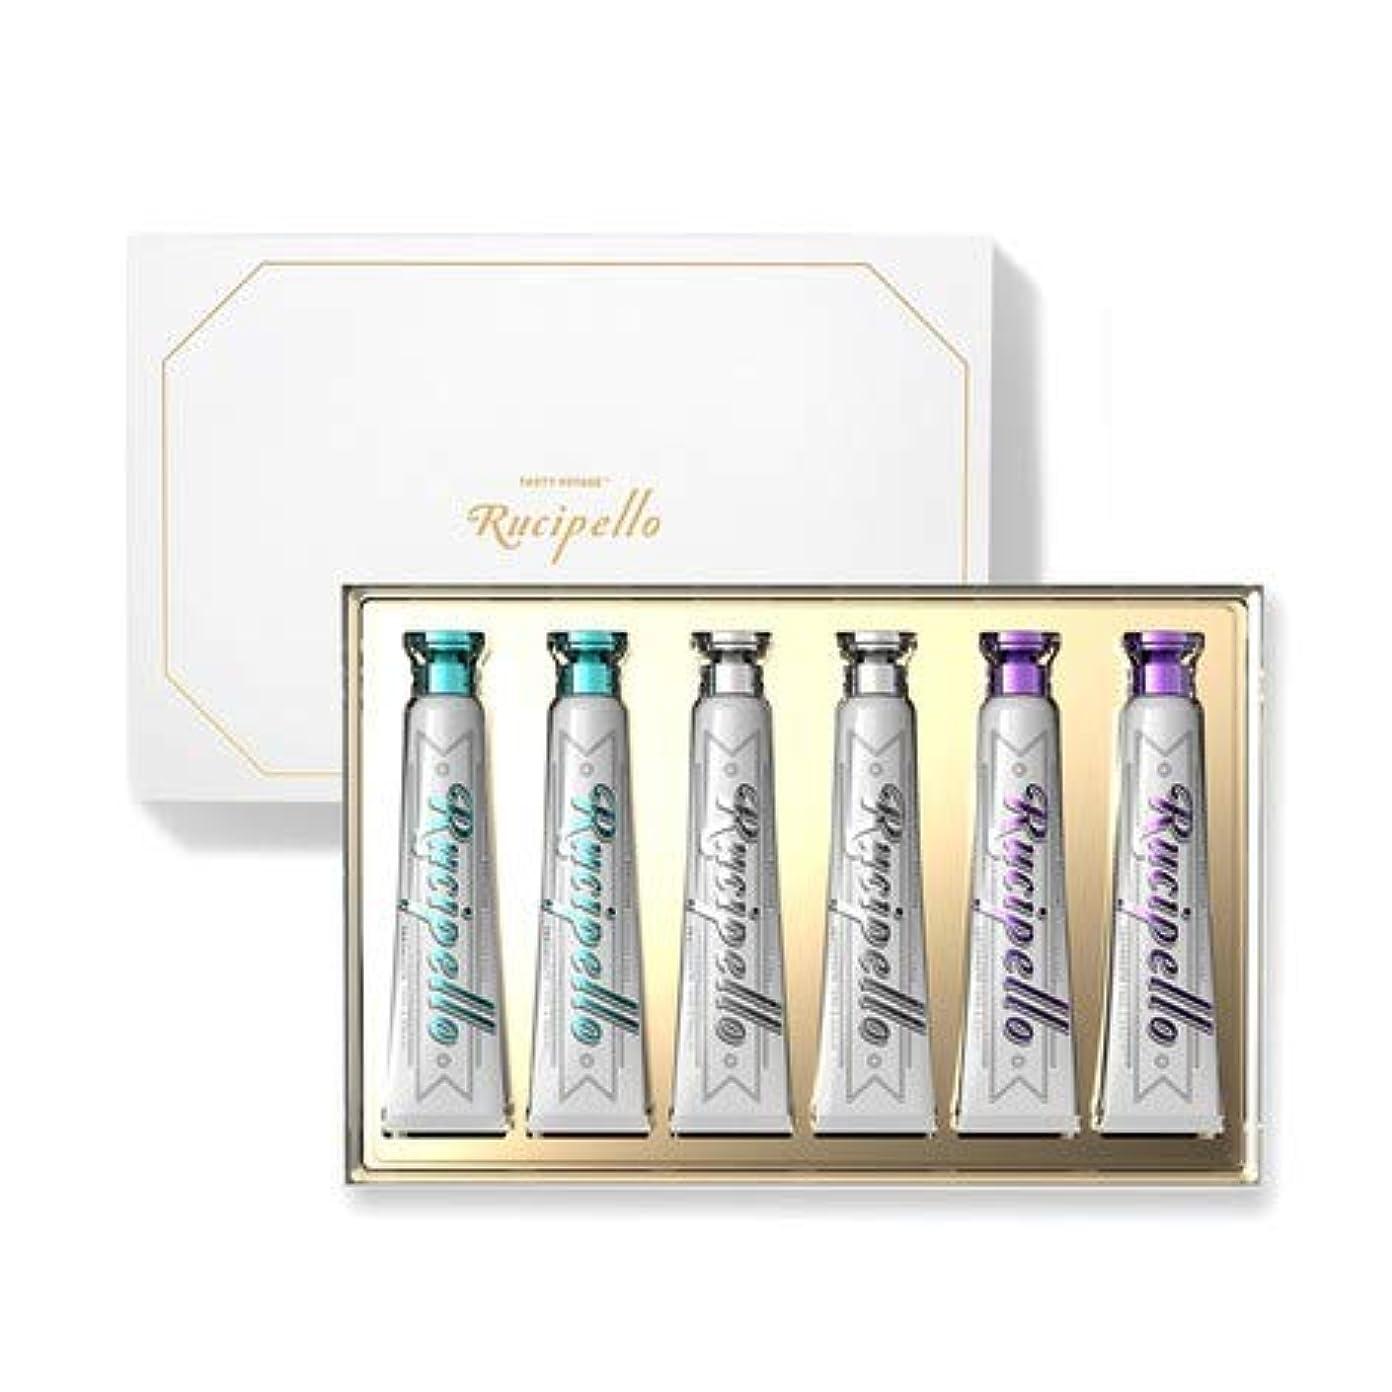 没頭するやろう怒っている[ルチペッロ] Rucipello 歯磨き6種のプレゼントセット 100g x 6本 (海外直送品)